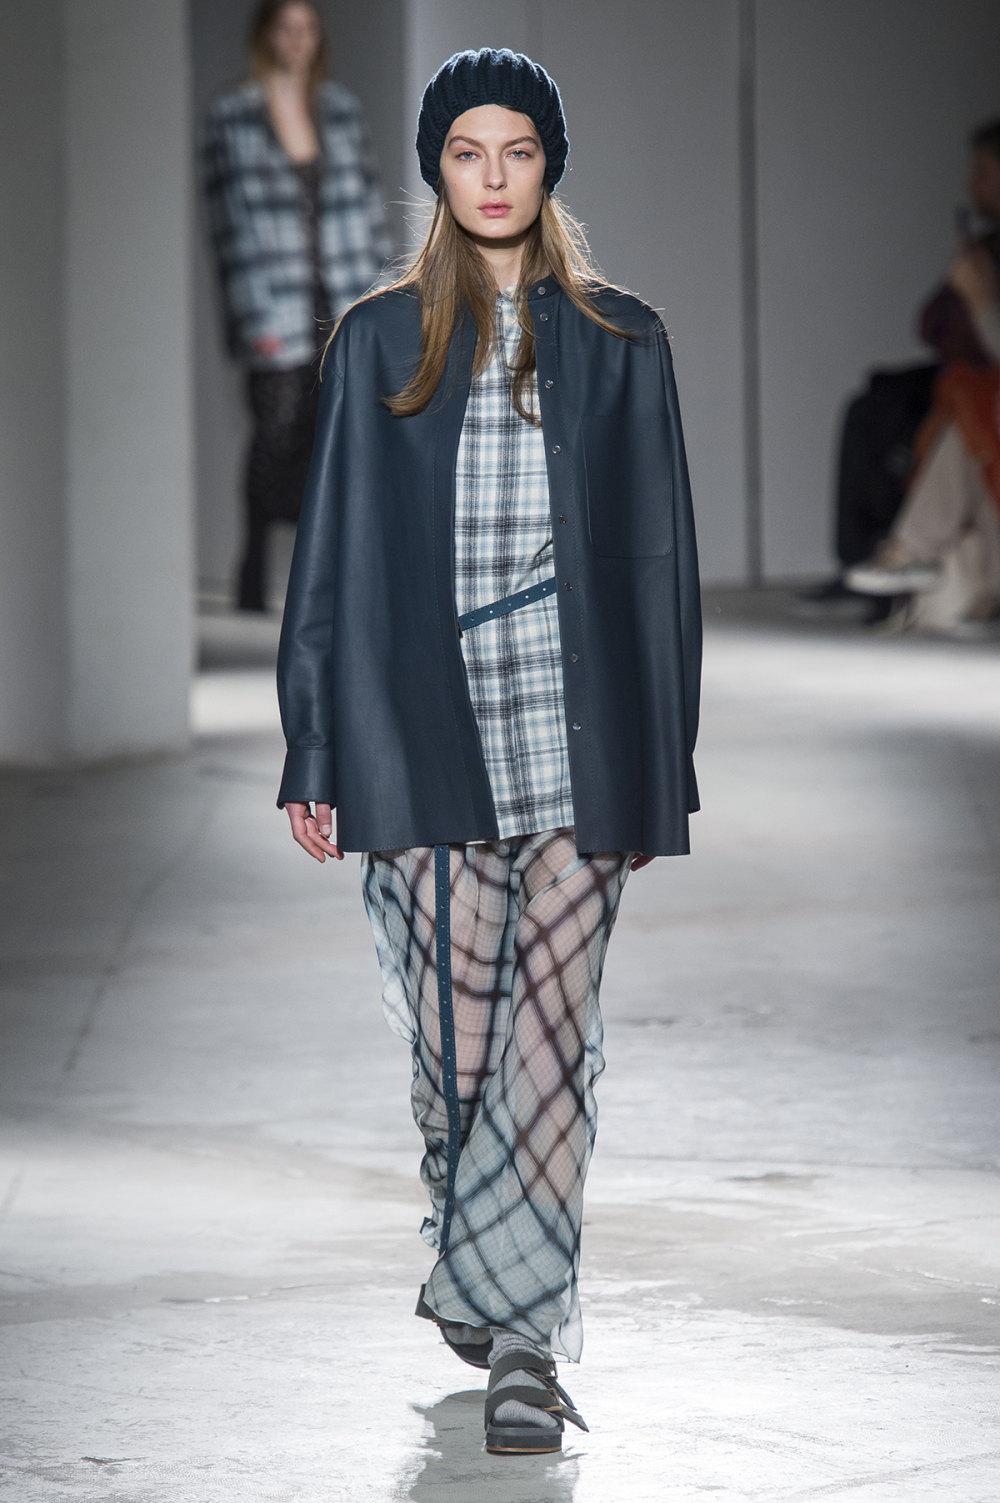 Agnona时装系列有纹理外套长而瘦有些穿着浴袍宽腿裤套装有巧克力-34.jpg